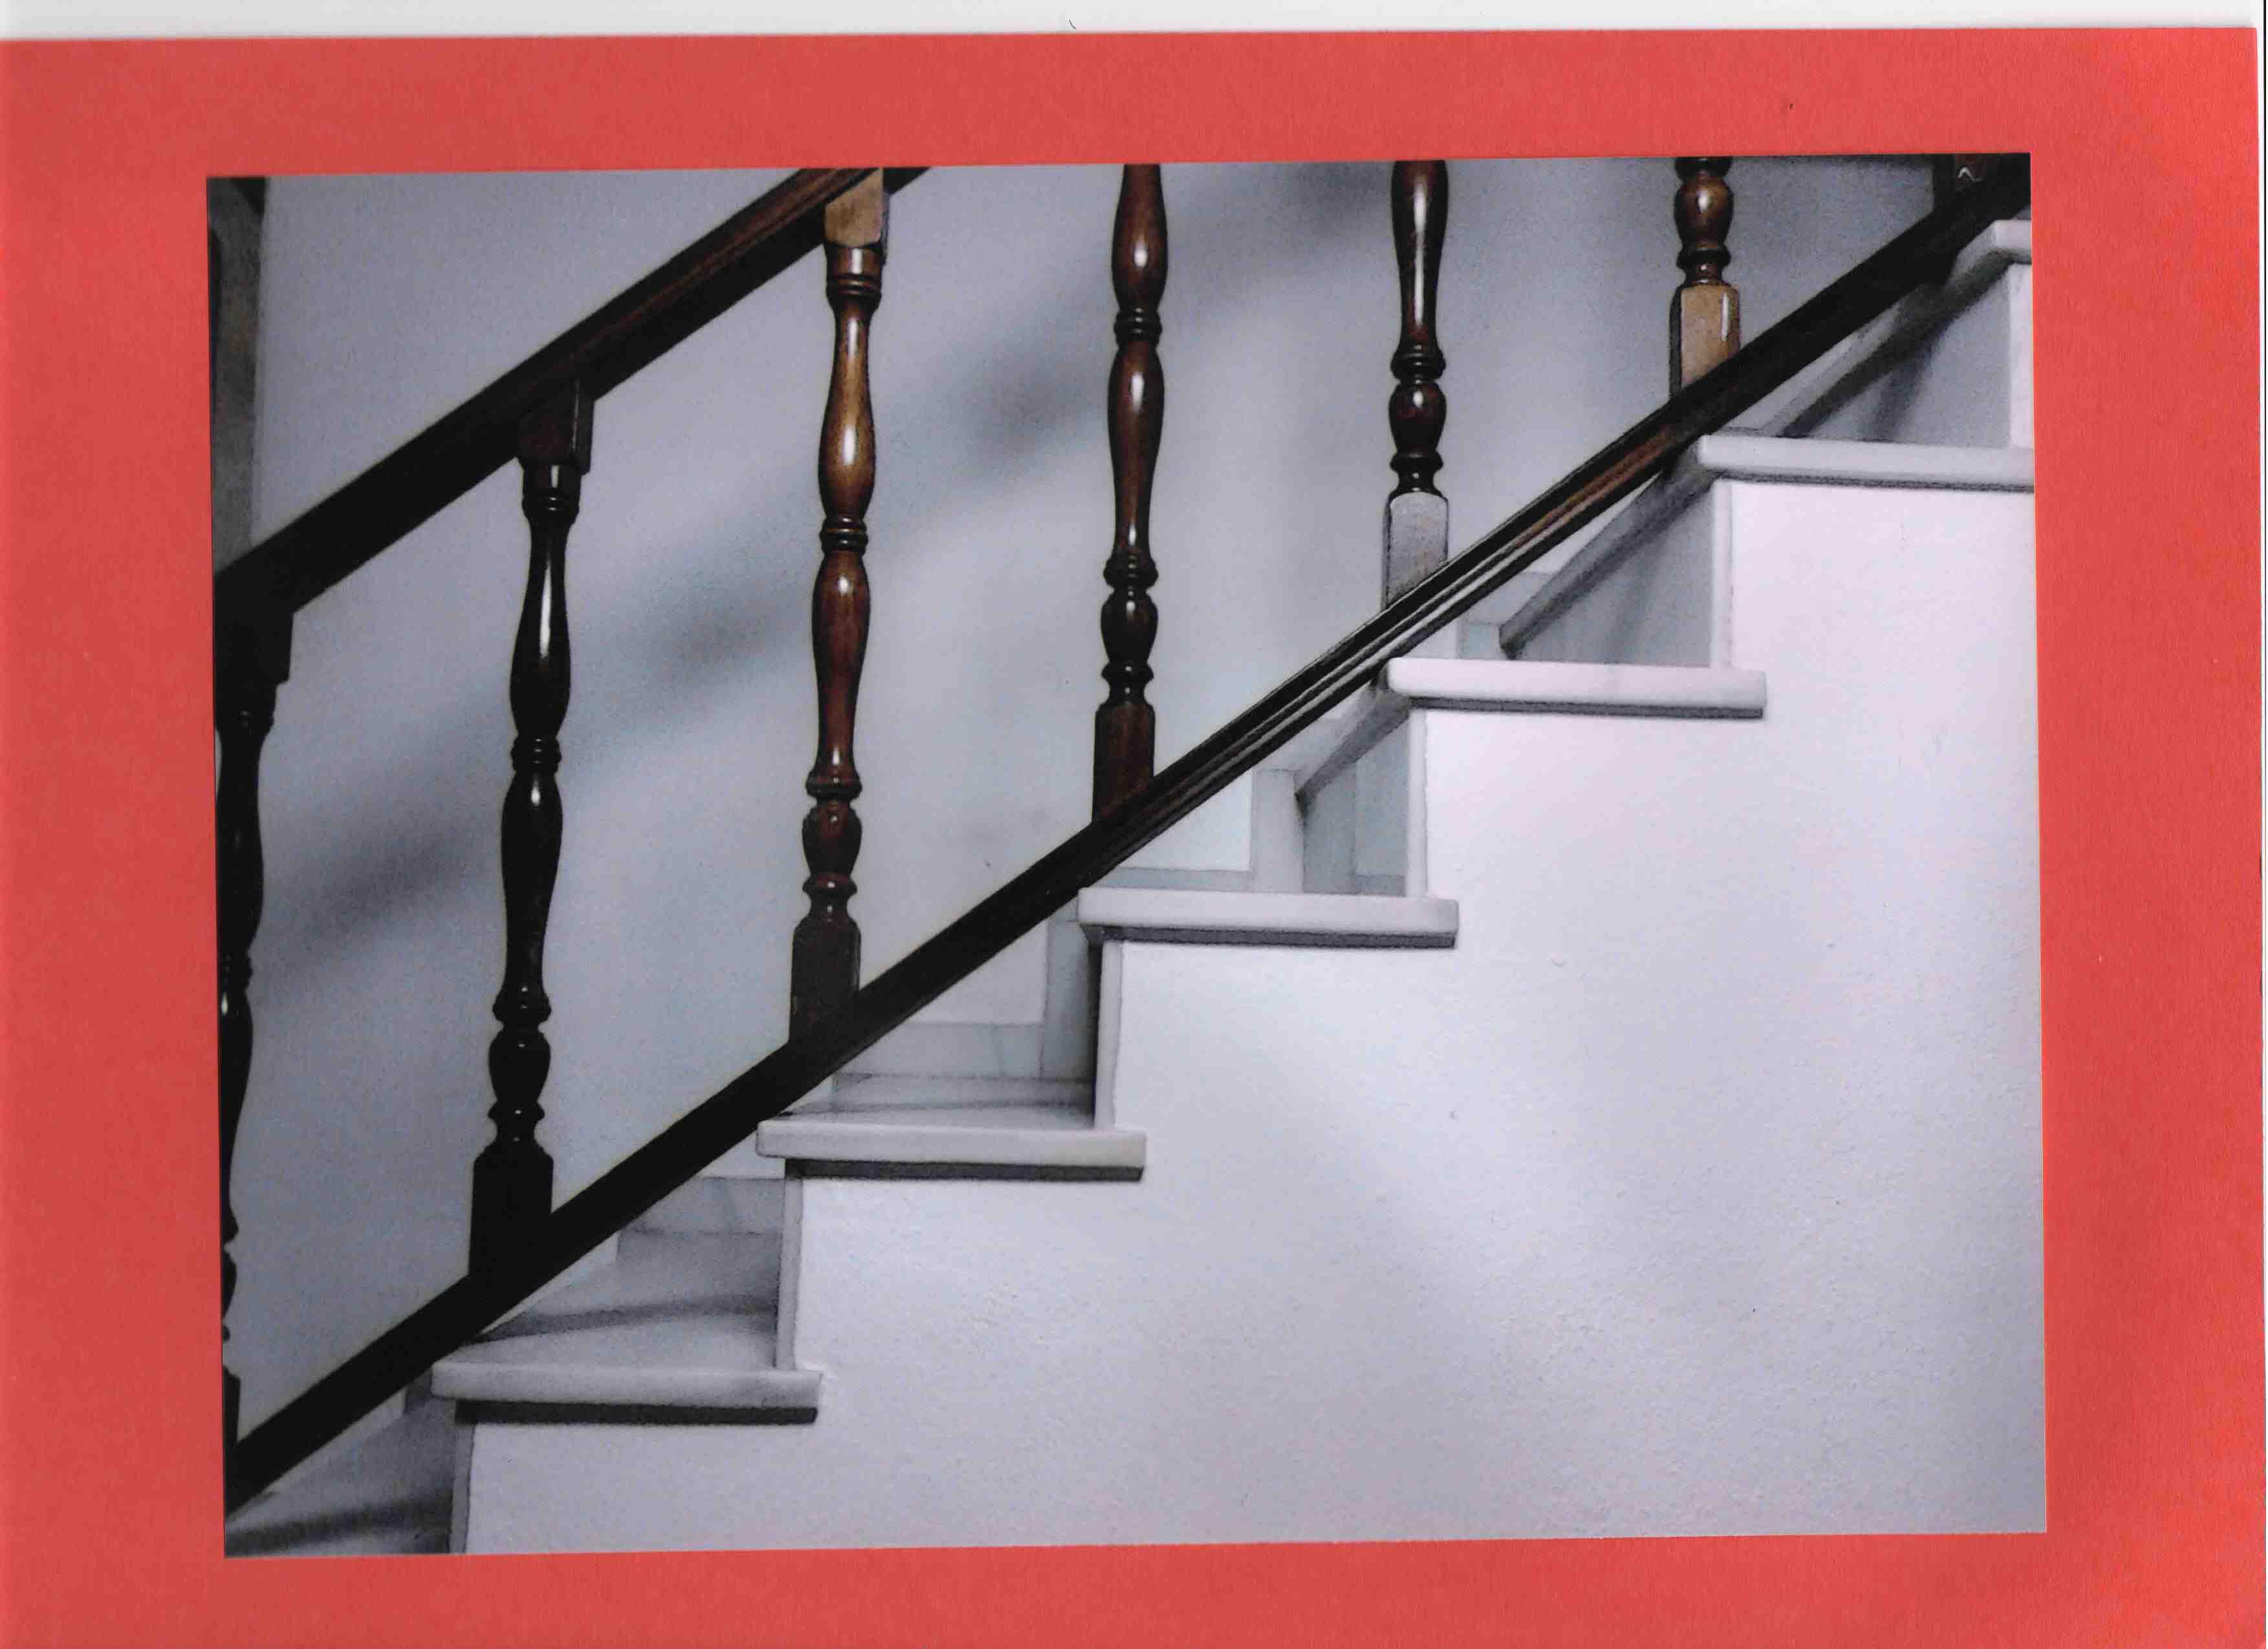 Subiendo por los ángulos rectos. Lucía Acla Ortega, 4º B. Primer premio de fotografía.